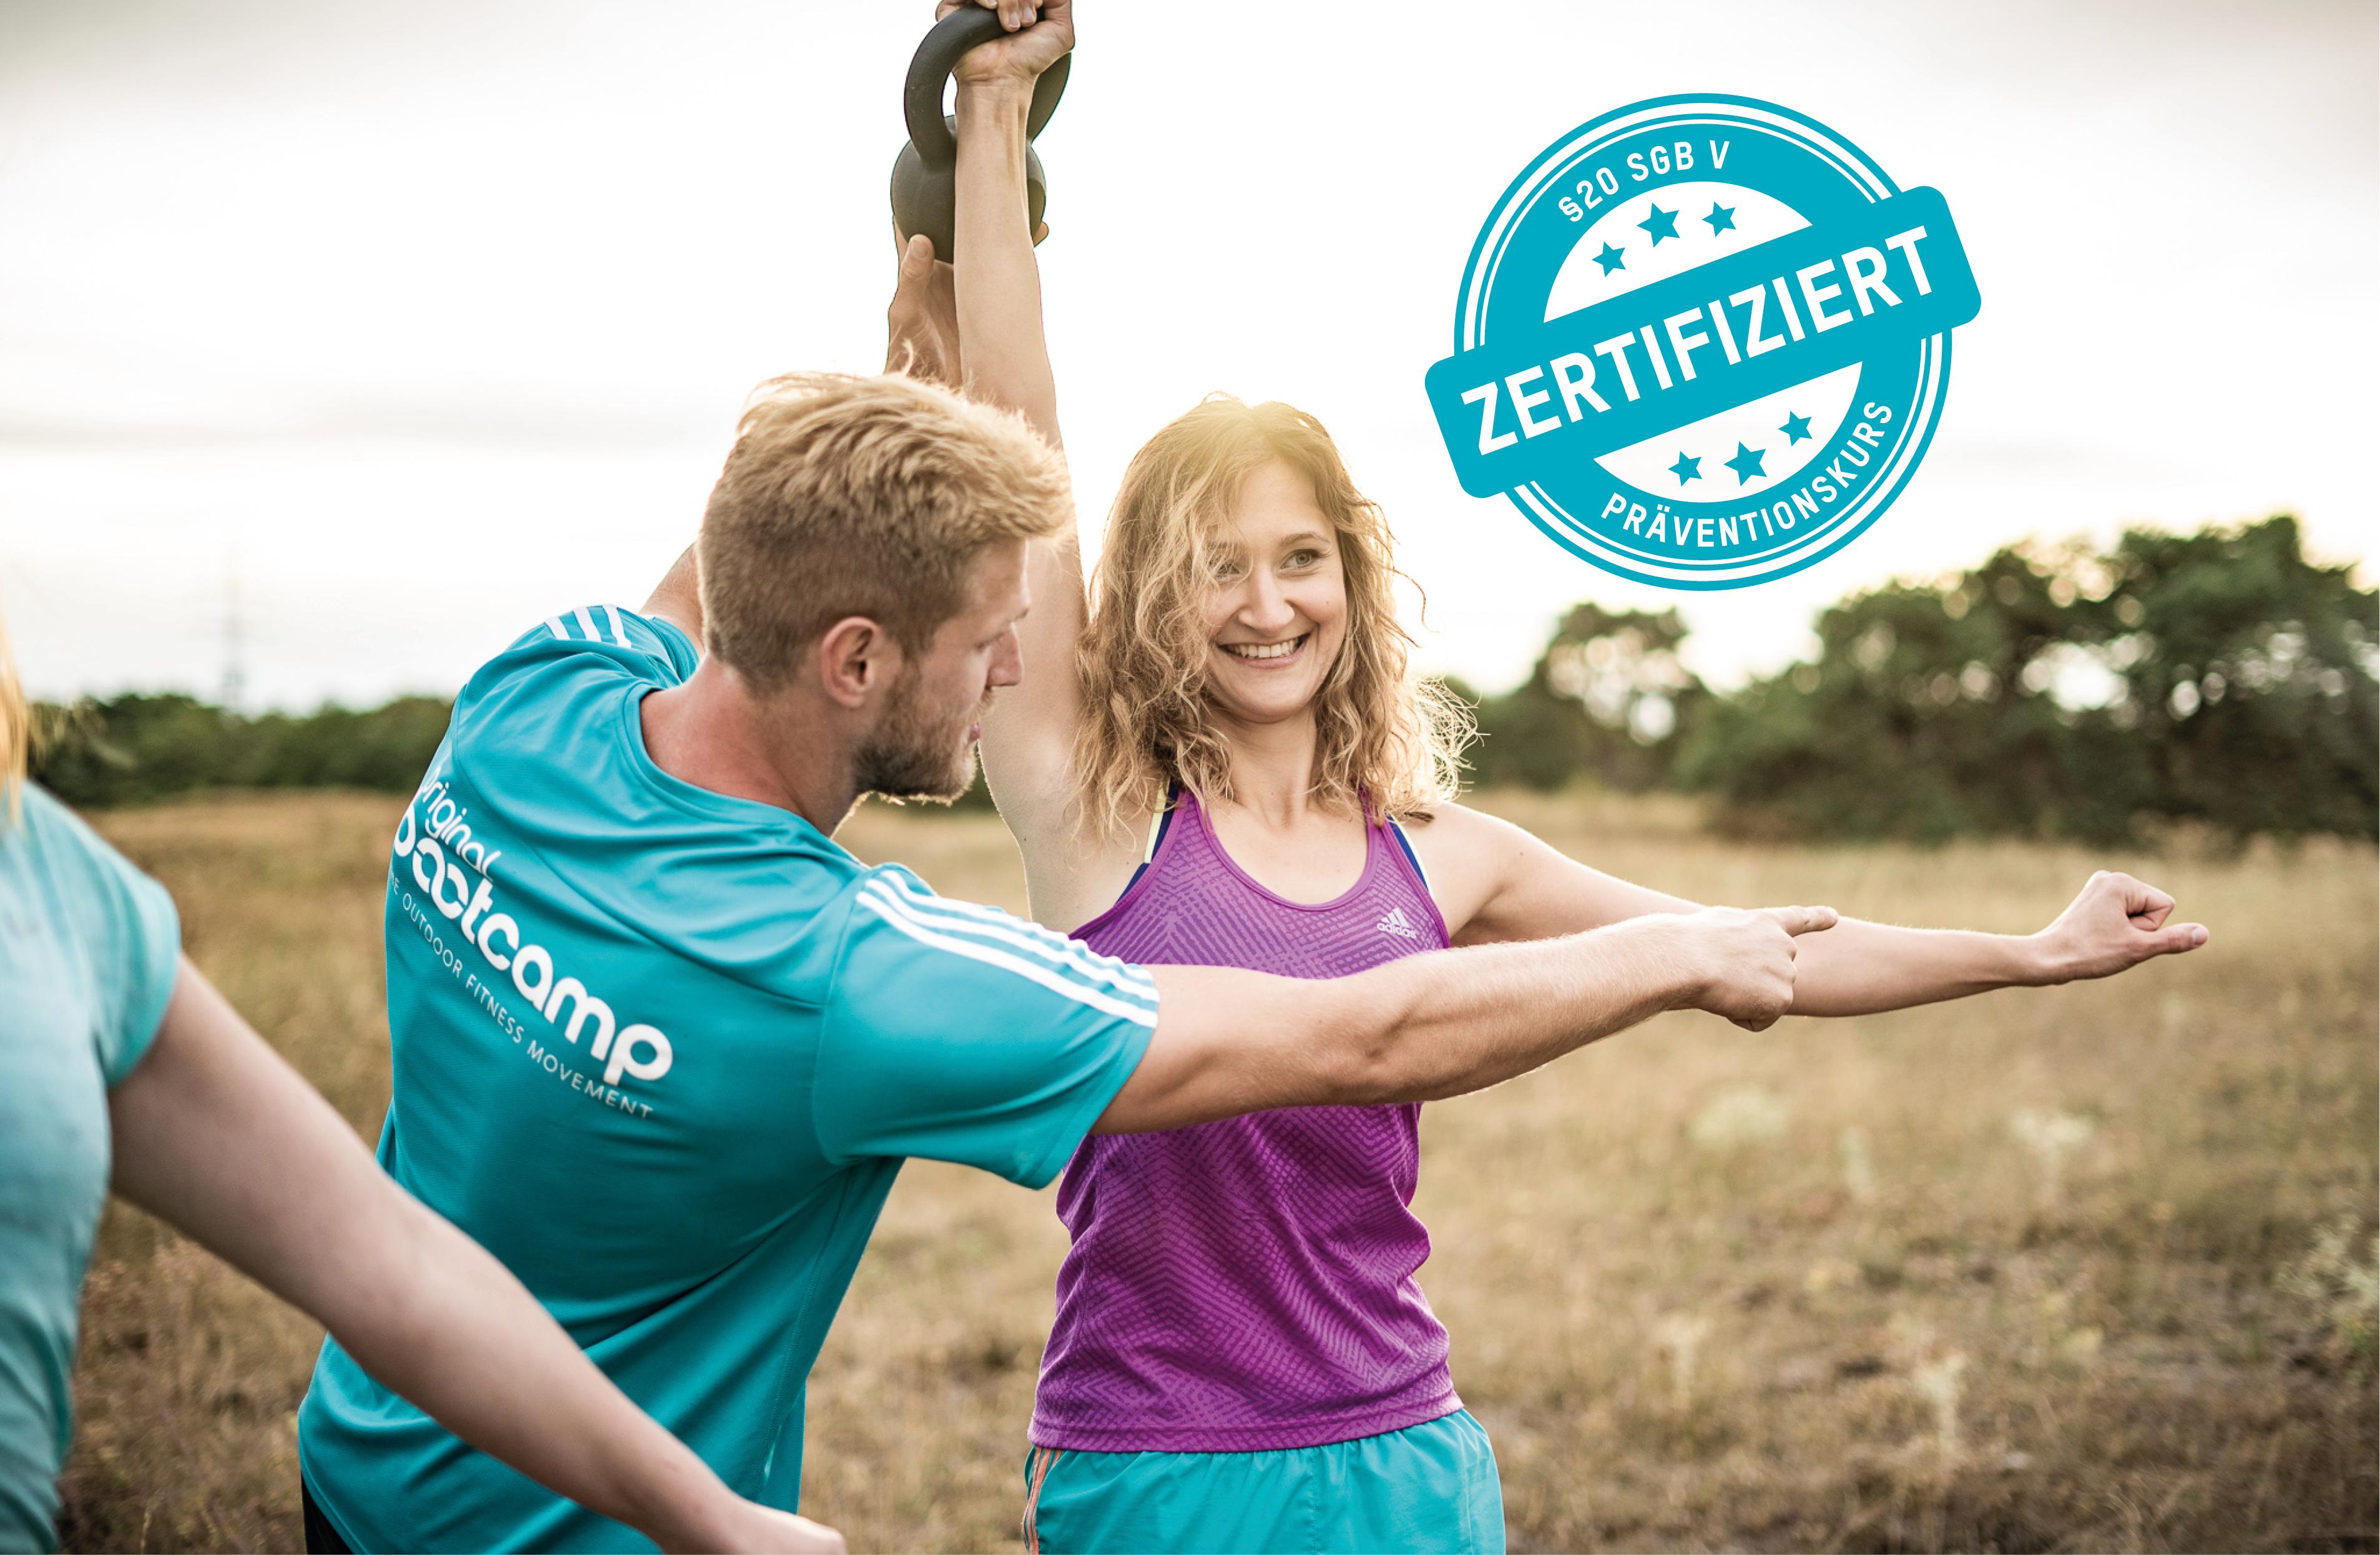 Bootcamp Trainer und Bootie bei einem zertifizierten Präventionskurs